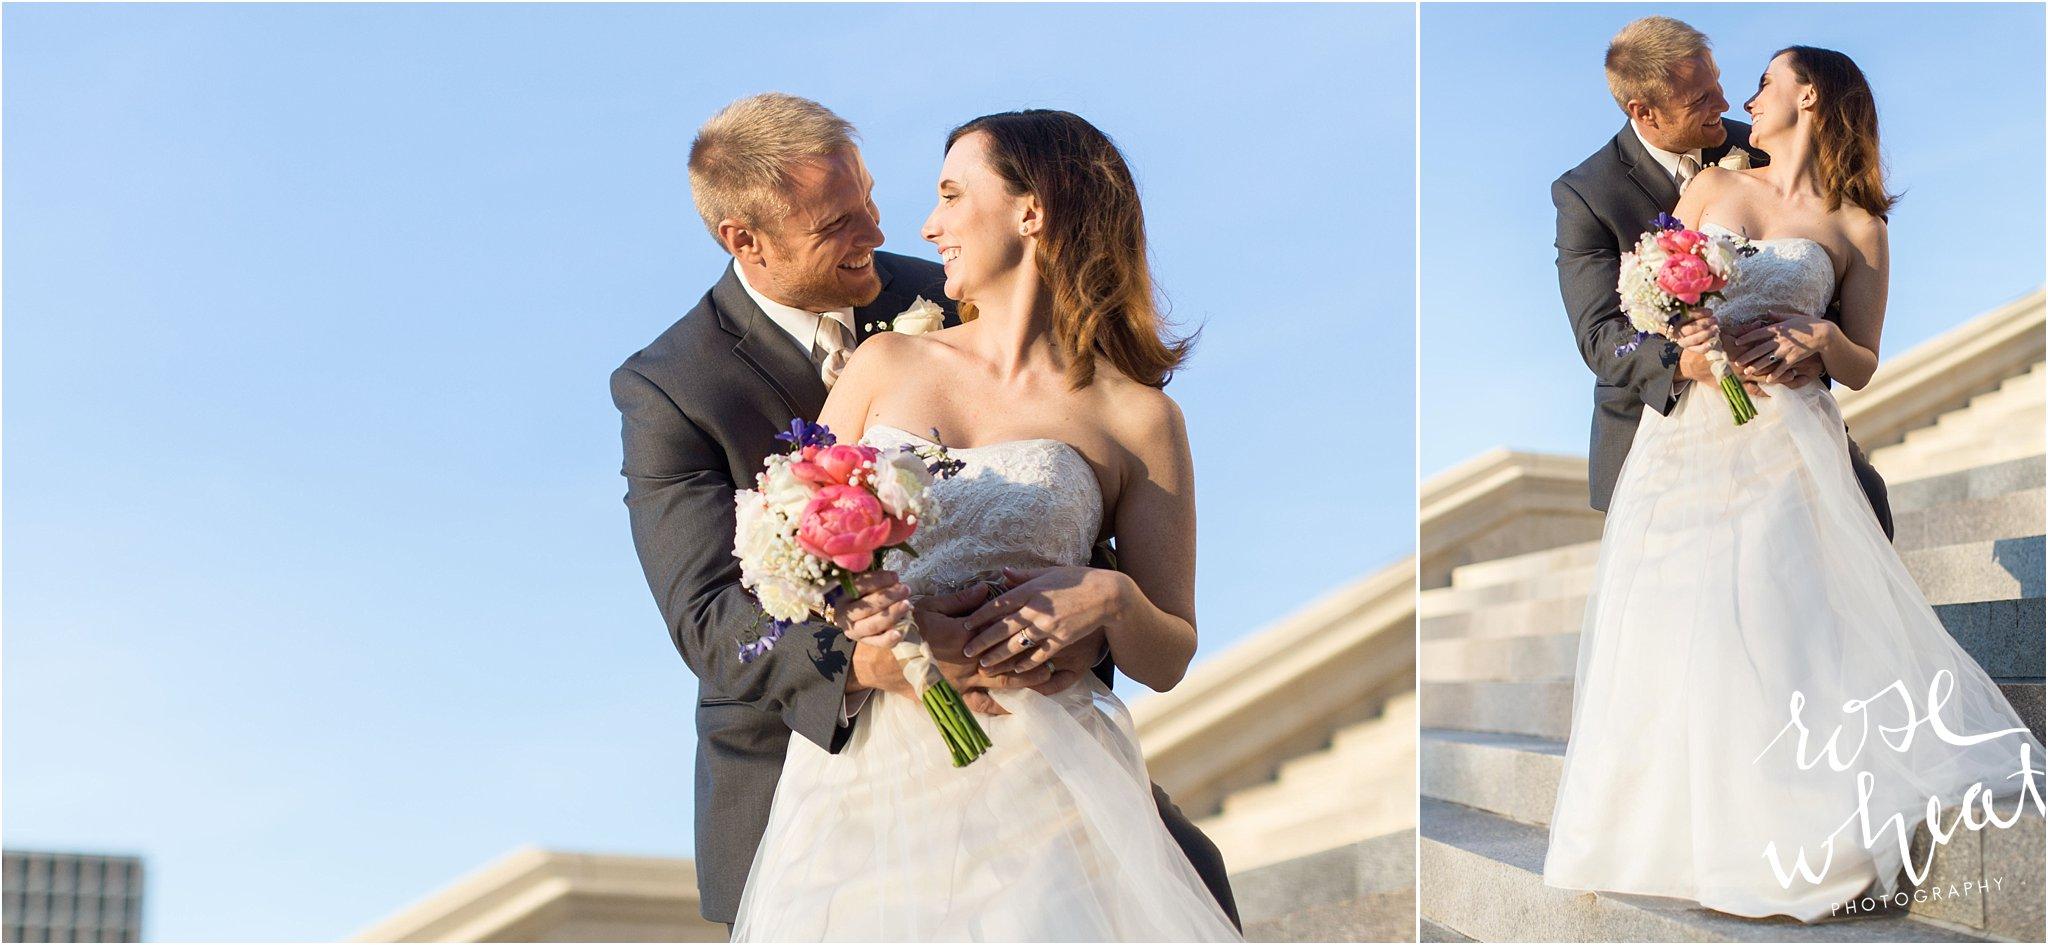 0430018. Topeka Kansas State Capitol Wedding.JPG